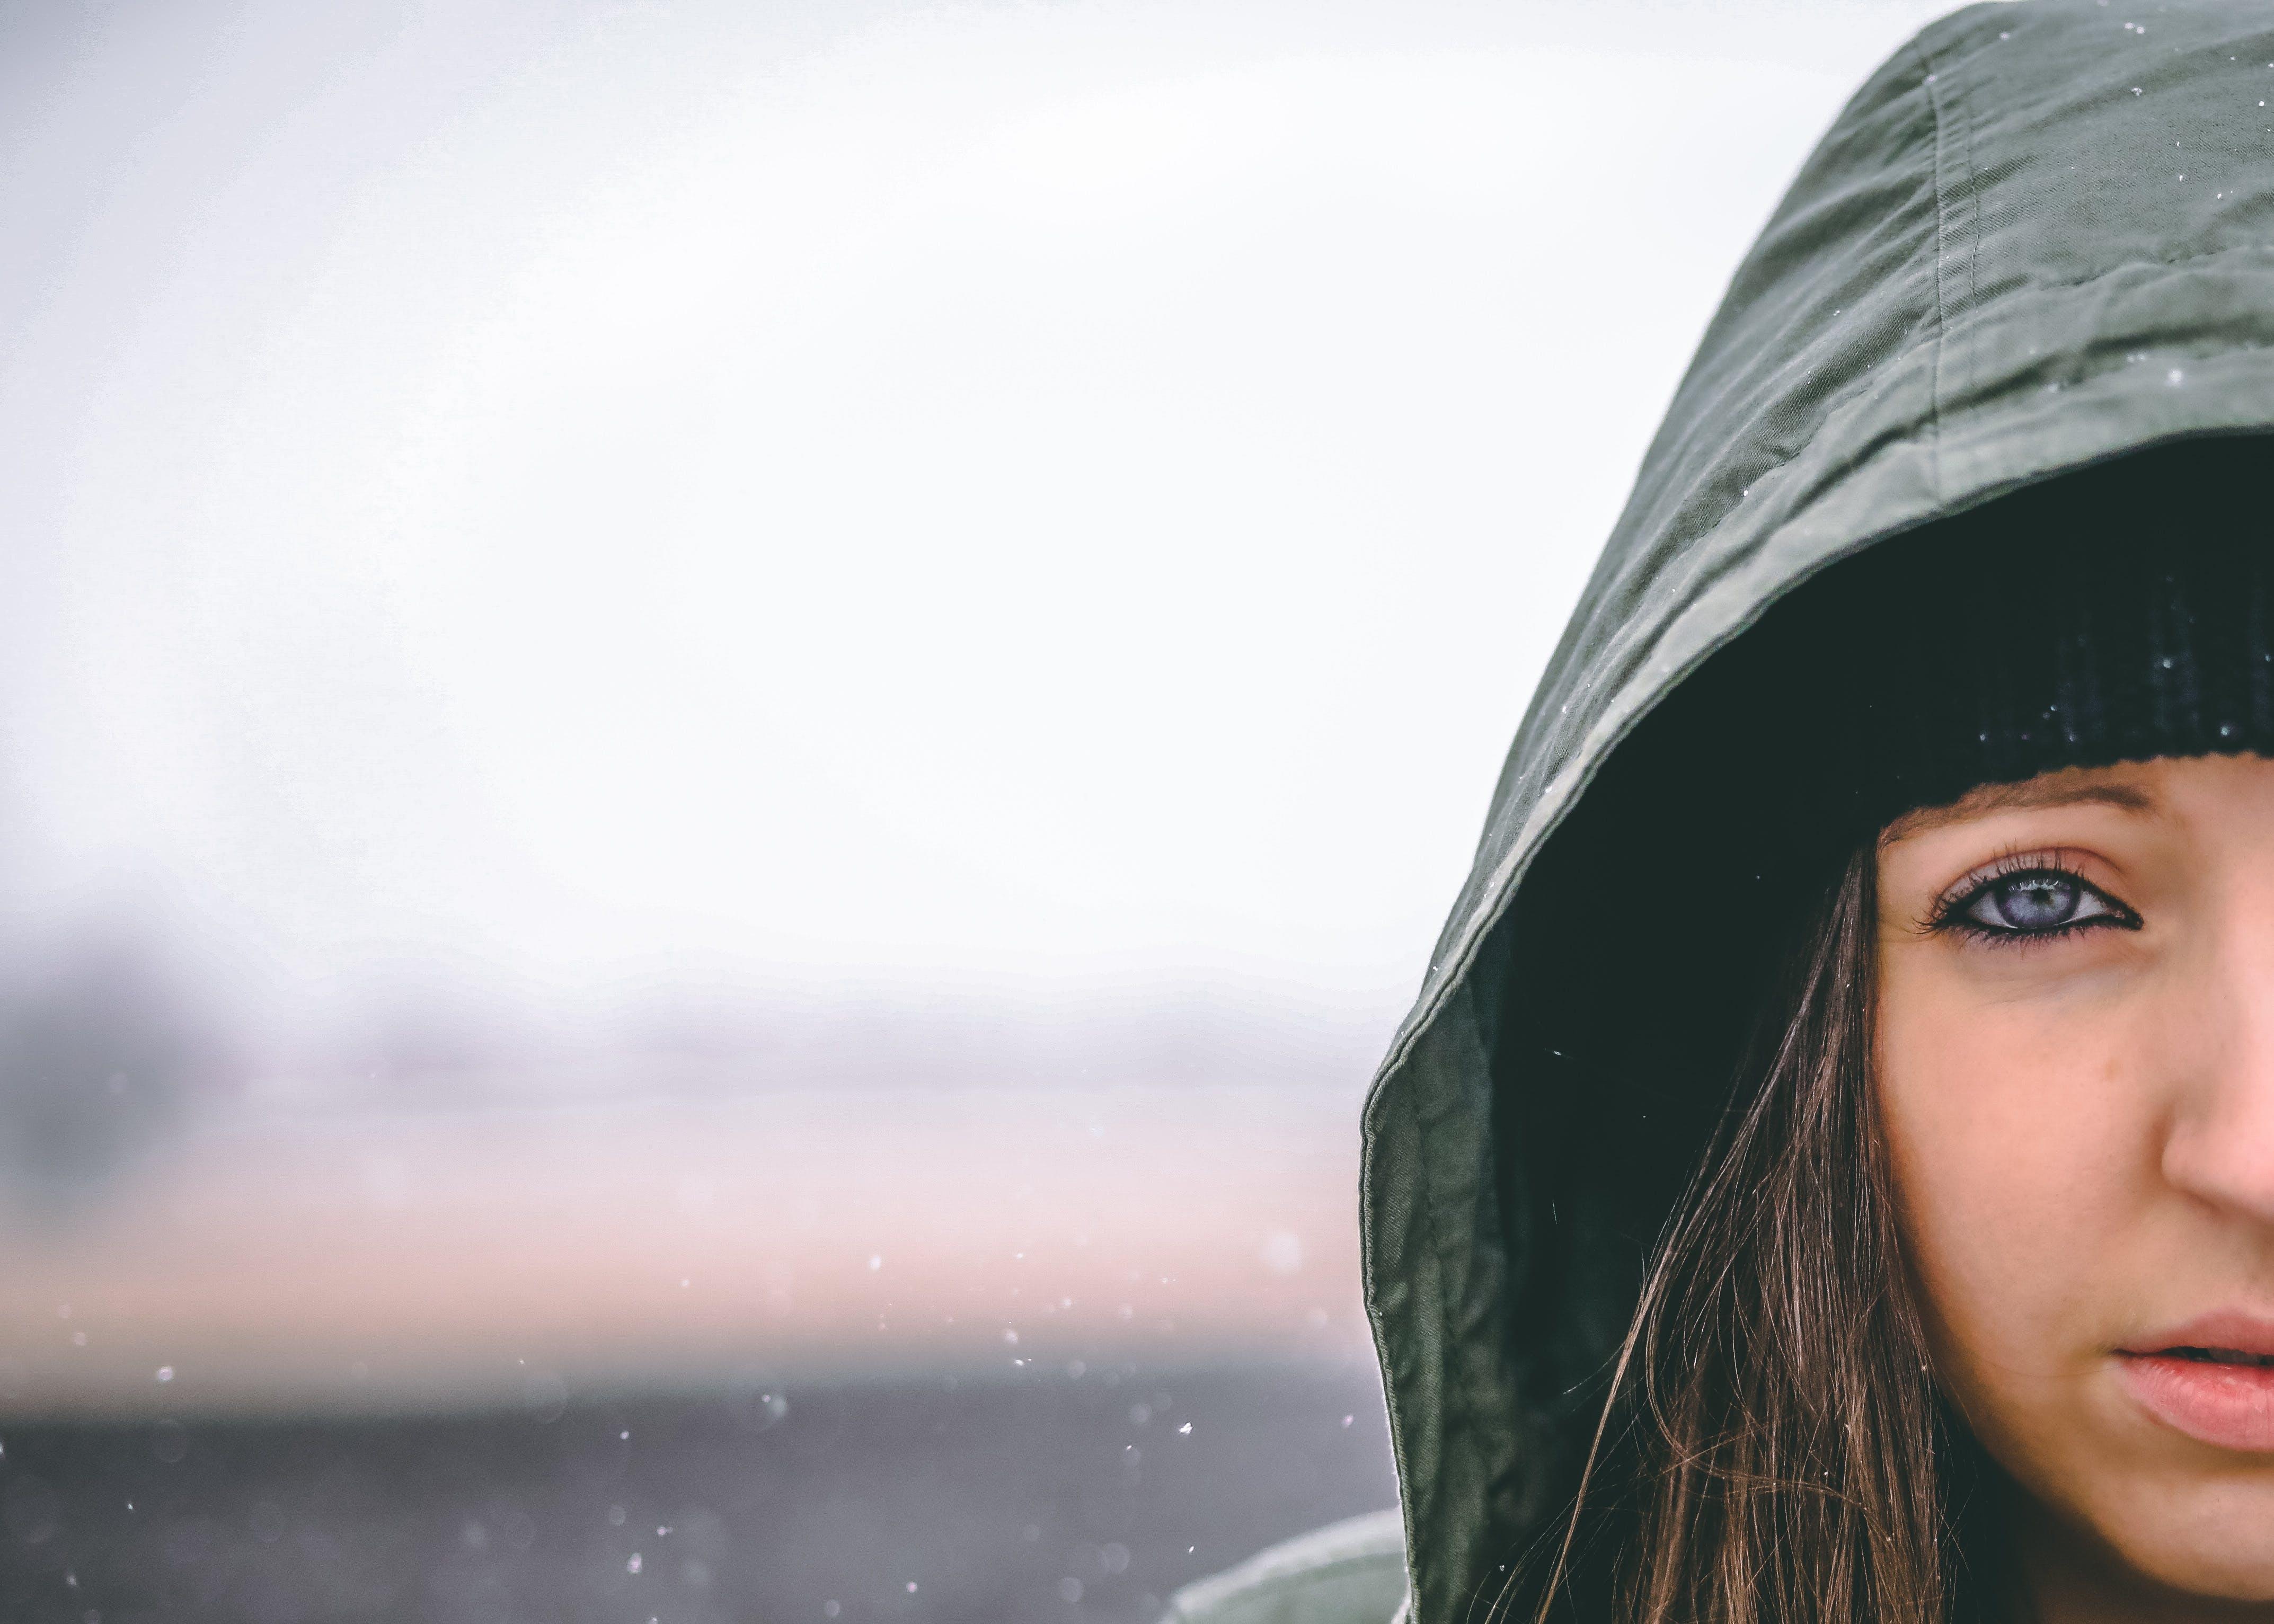 Woman Wearing Hooded Jacket